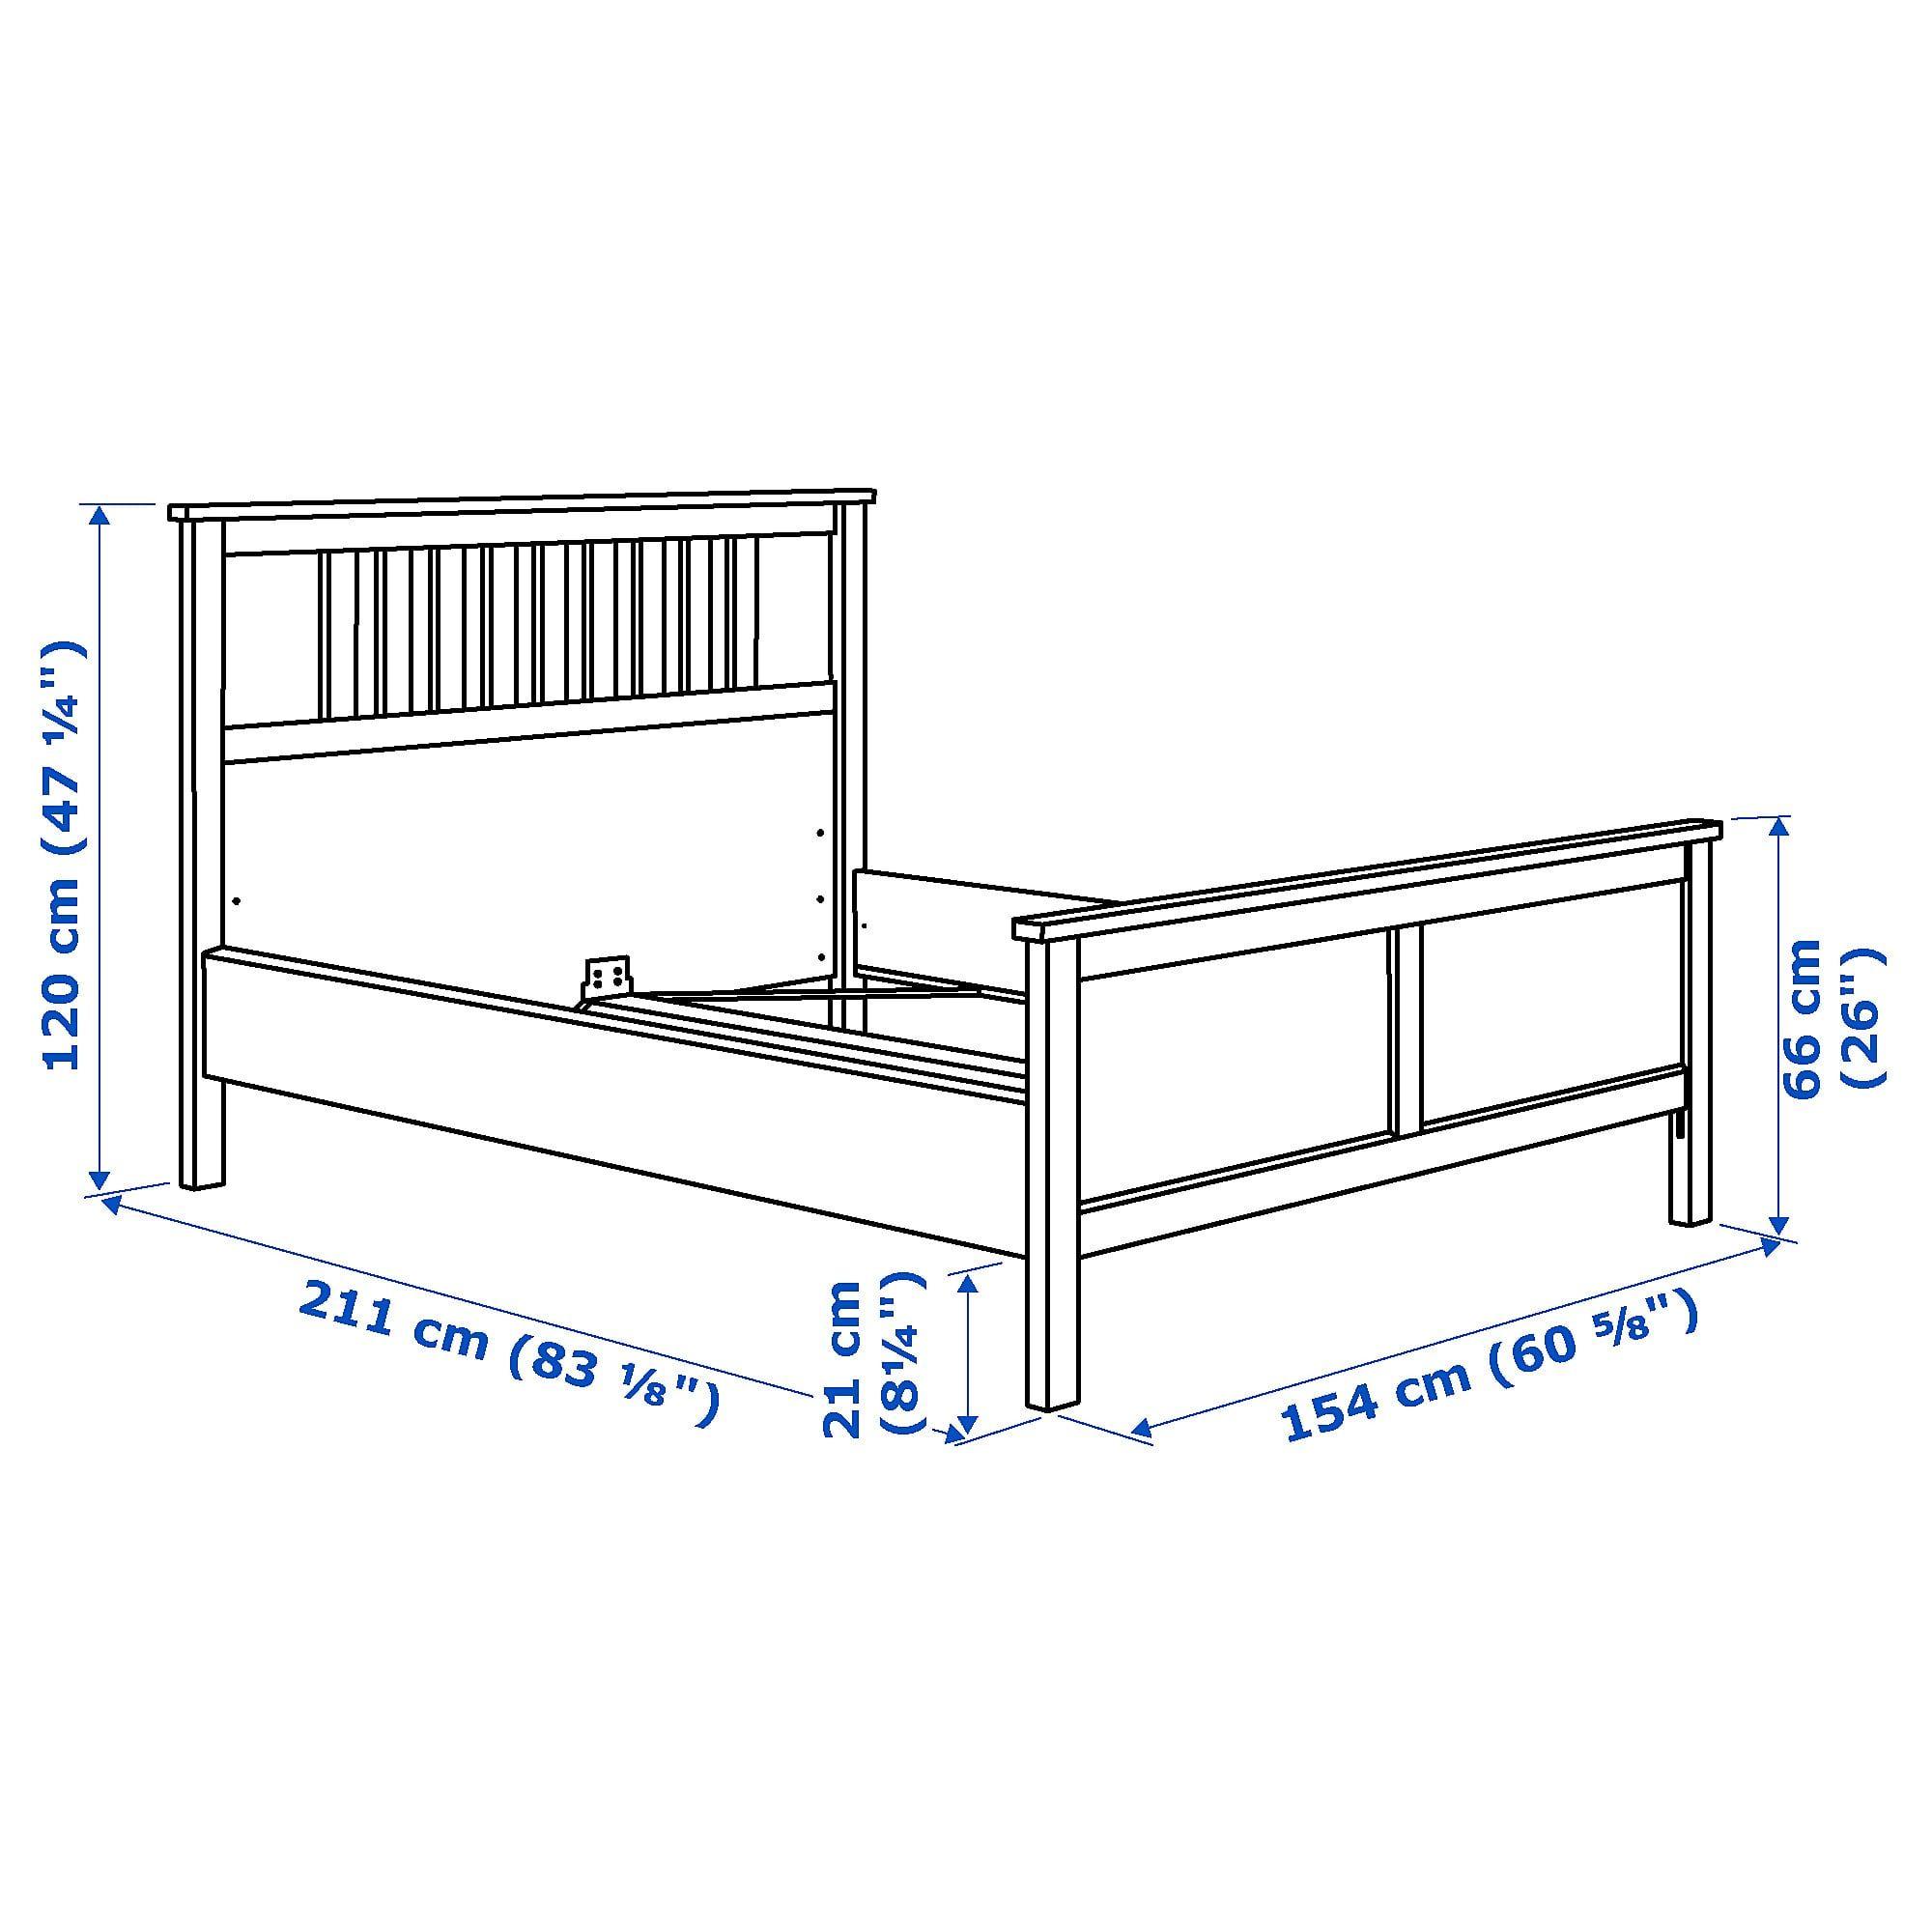 Hemnes Bettgestell Schwarzbraun Leirsund Ikea Osterreich Ikea Hemnes Bett Bettgestell Verstellbare Betten